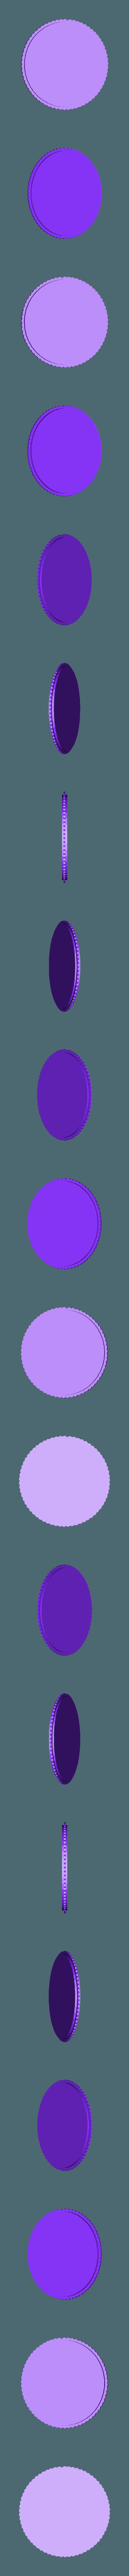 RAINDROP R9 21x31 220320-7 o-o.stl Télécharger fichier STL gratuit RAINDROP R9 21x31 PUA NIDO (GUITARE ÉLECTRIQUE) • Design pour imprimante 3D, carleslluisar